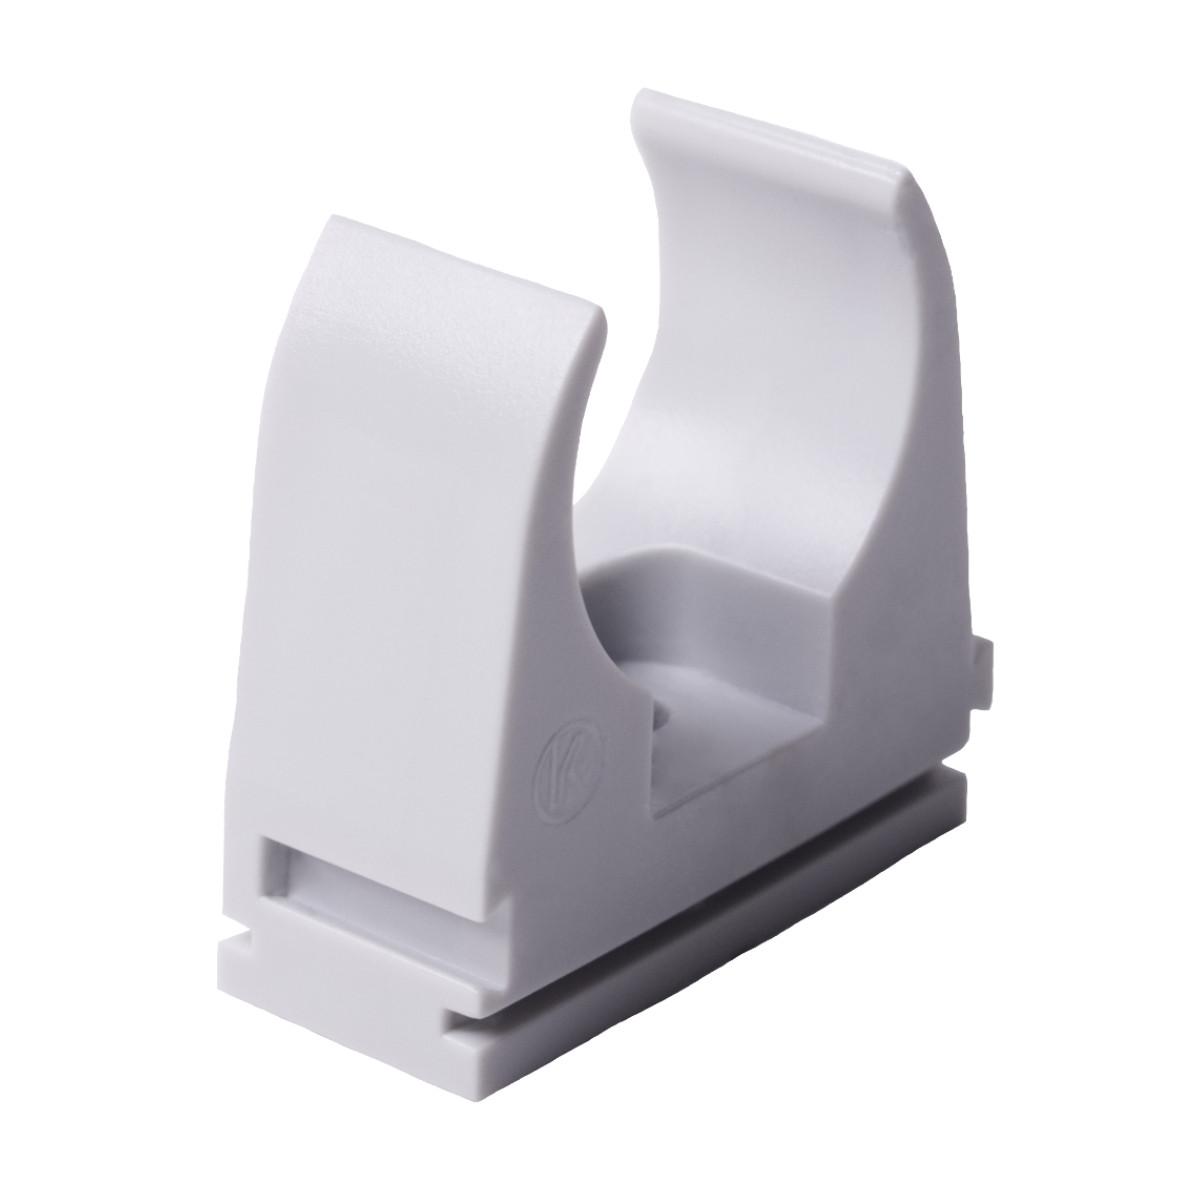 Кріплення труби 20 мм ; Ø20мм; ПВХ;; t застосування -25+60 °с; світло-сіра; Упаковка 10 шт